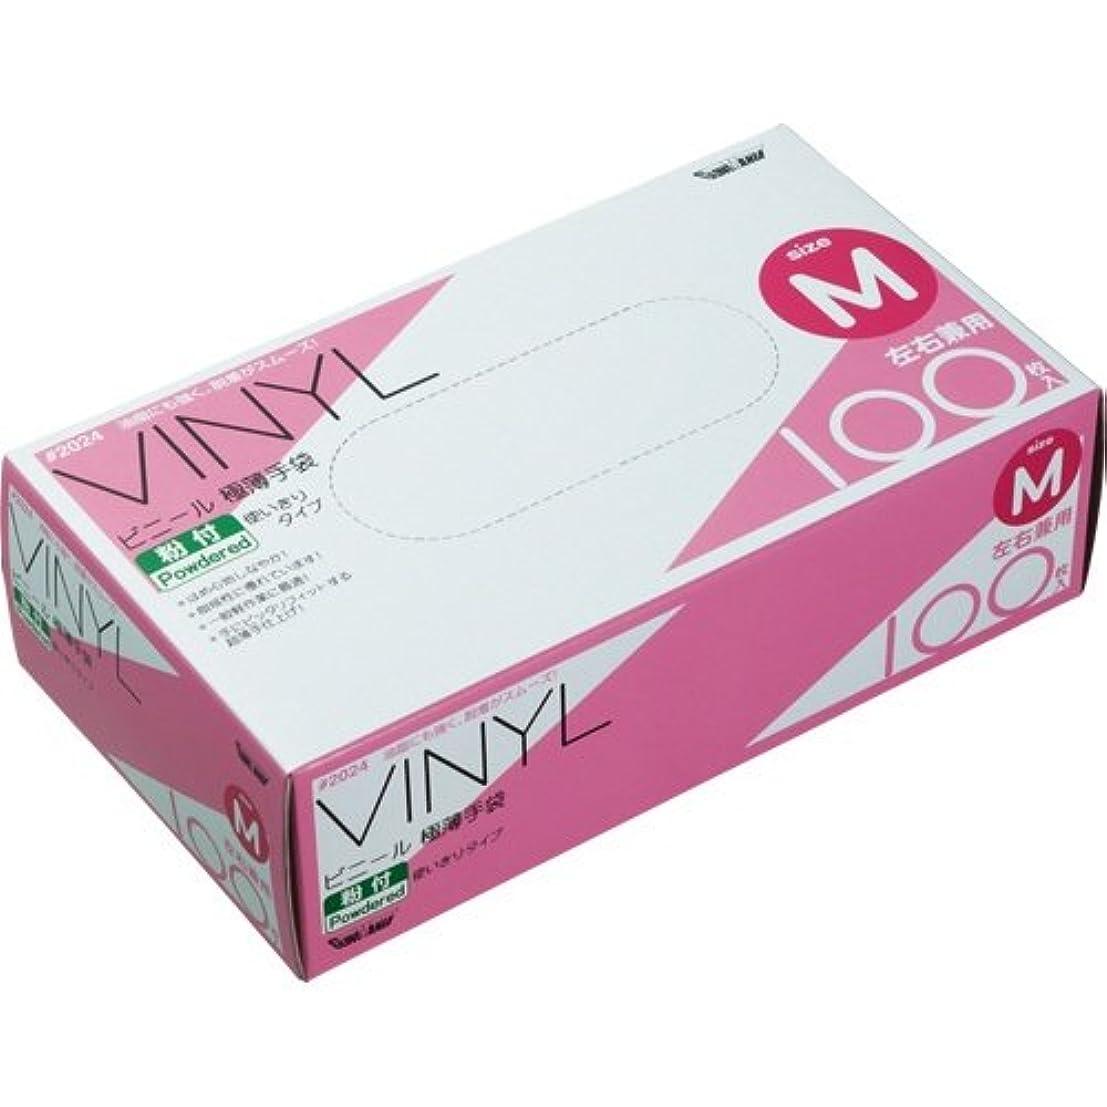 ピストル一致野菜川西工業 ビニール極薄手袋 粉付 M #2024 1セット(2000枚:100枚×20箱)